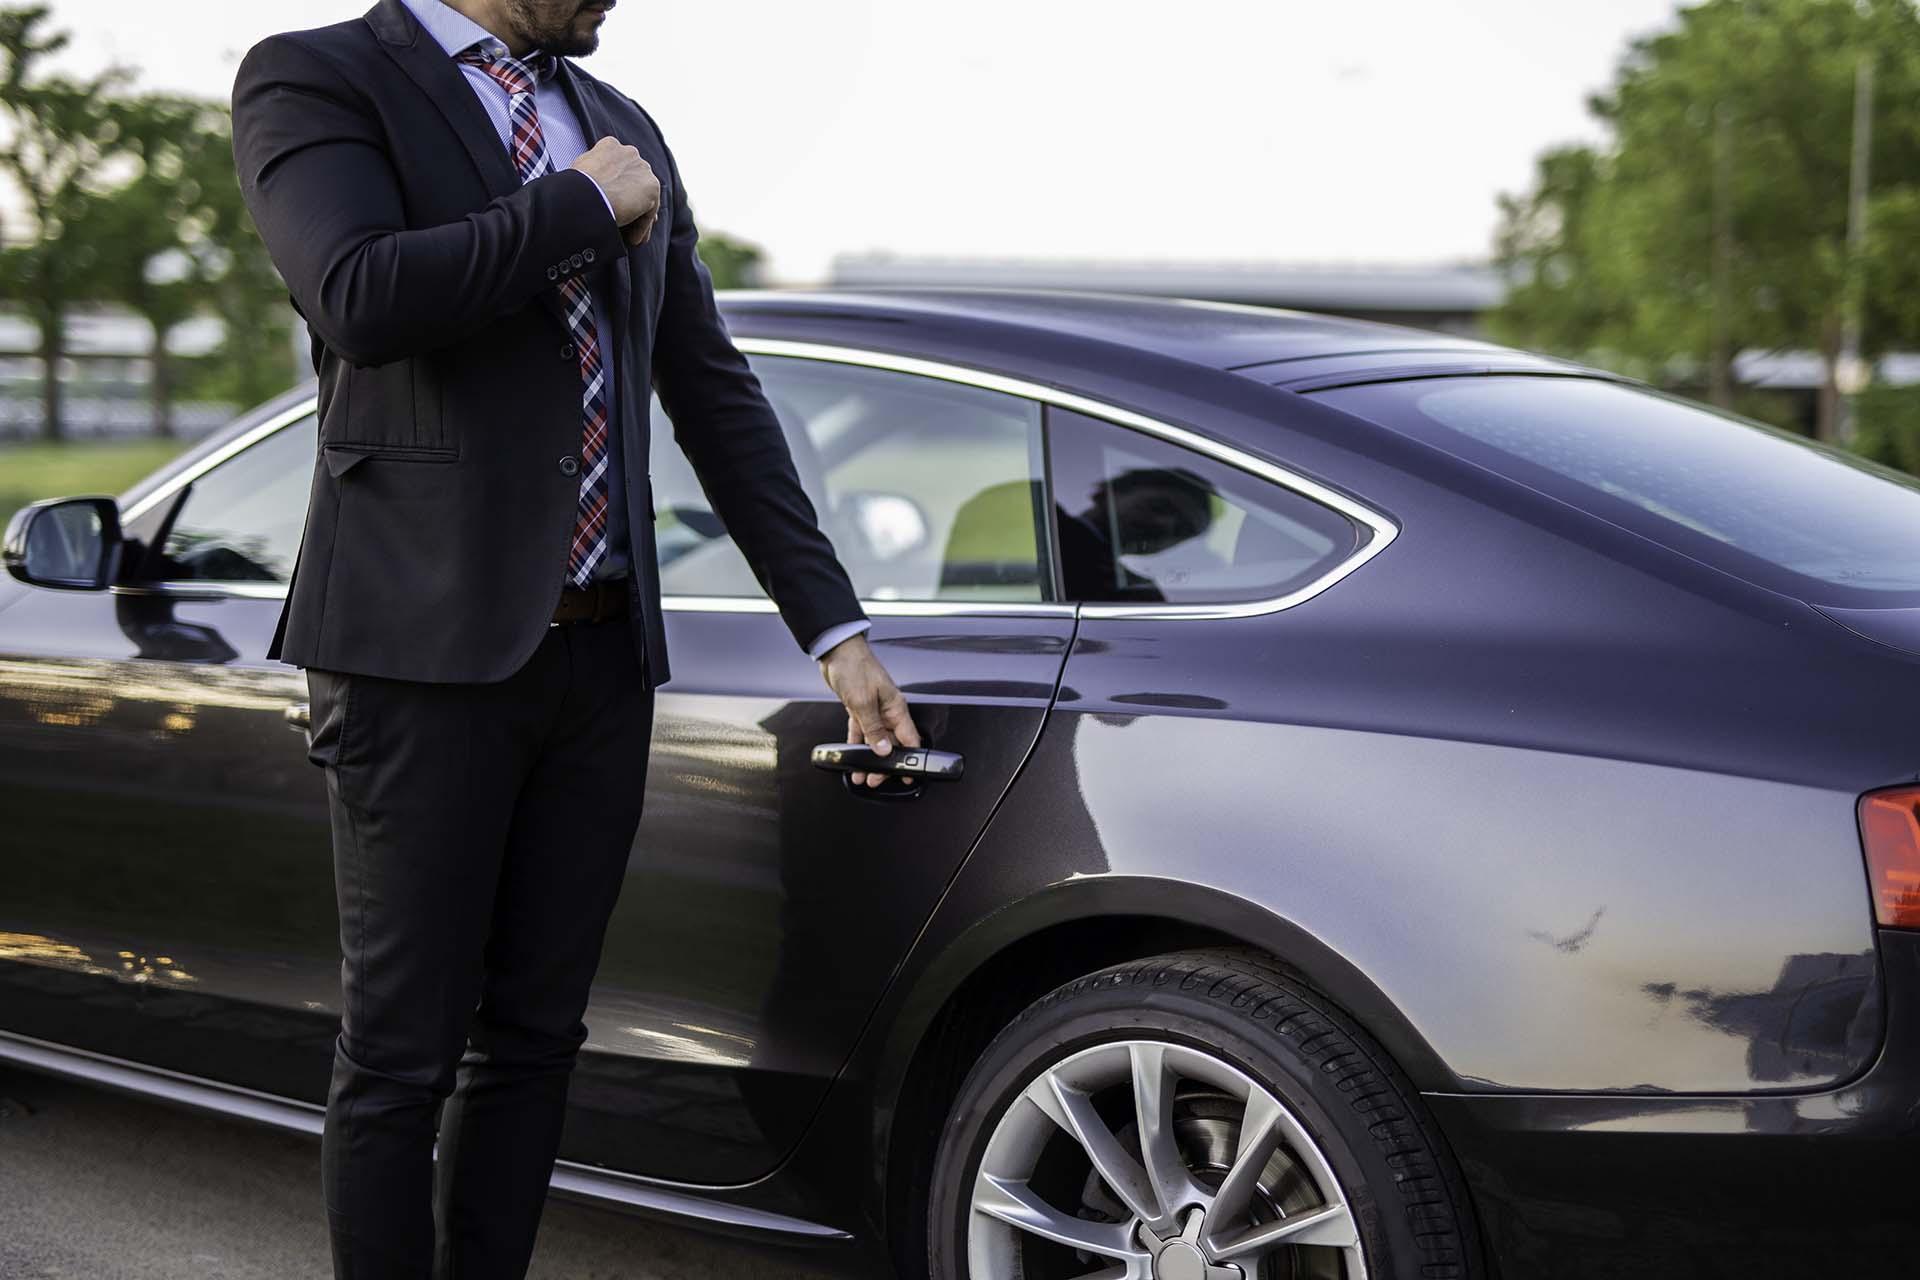 Quels sont les avantages d'acheter une voiture chez un pro